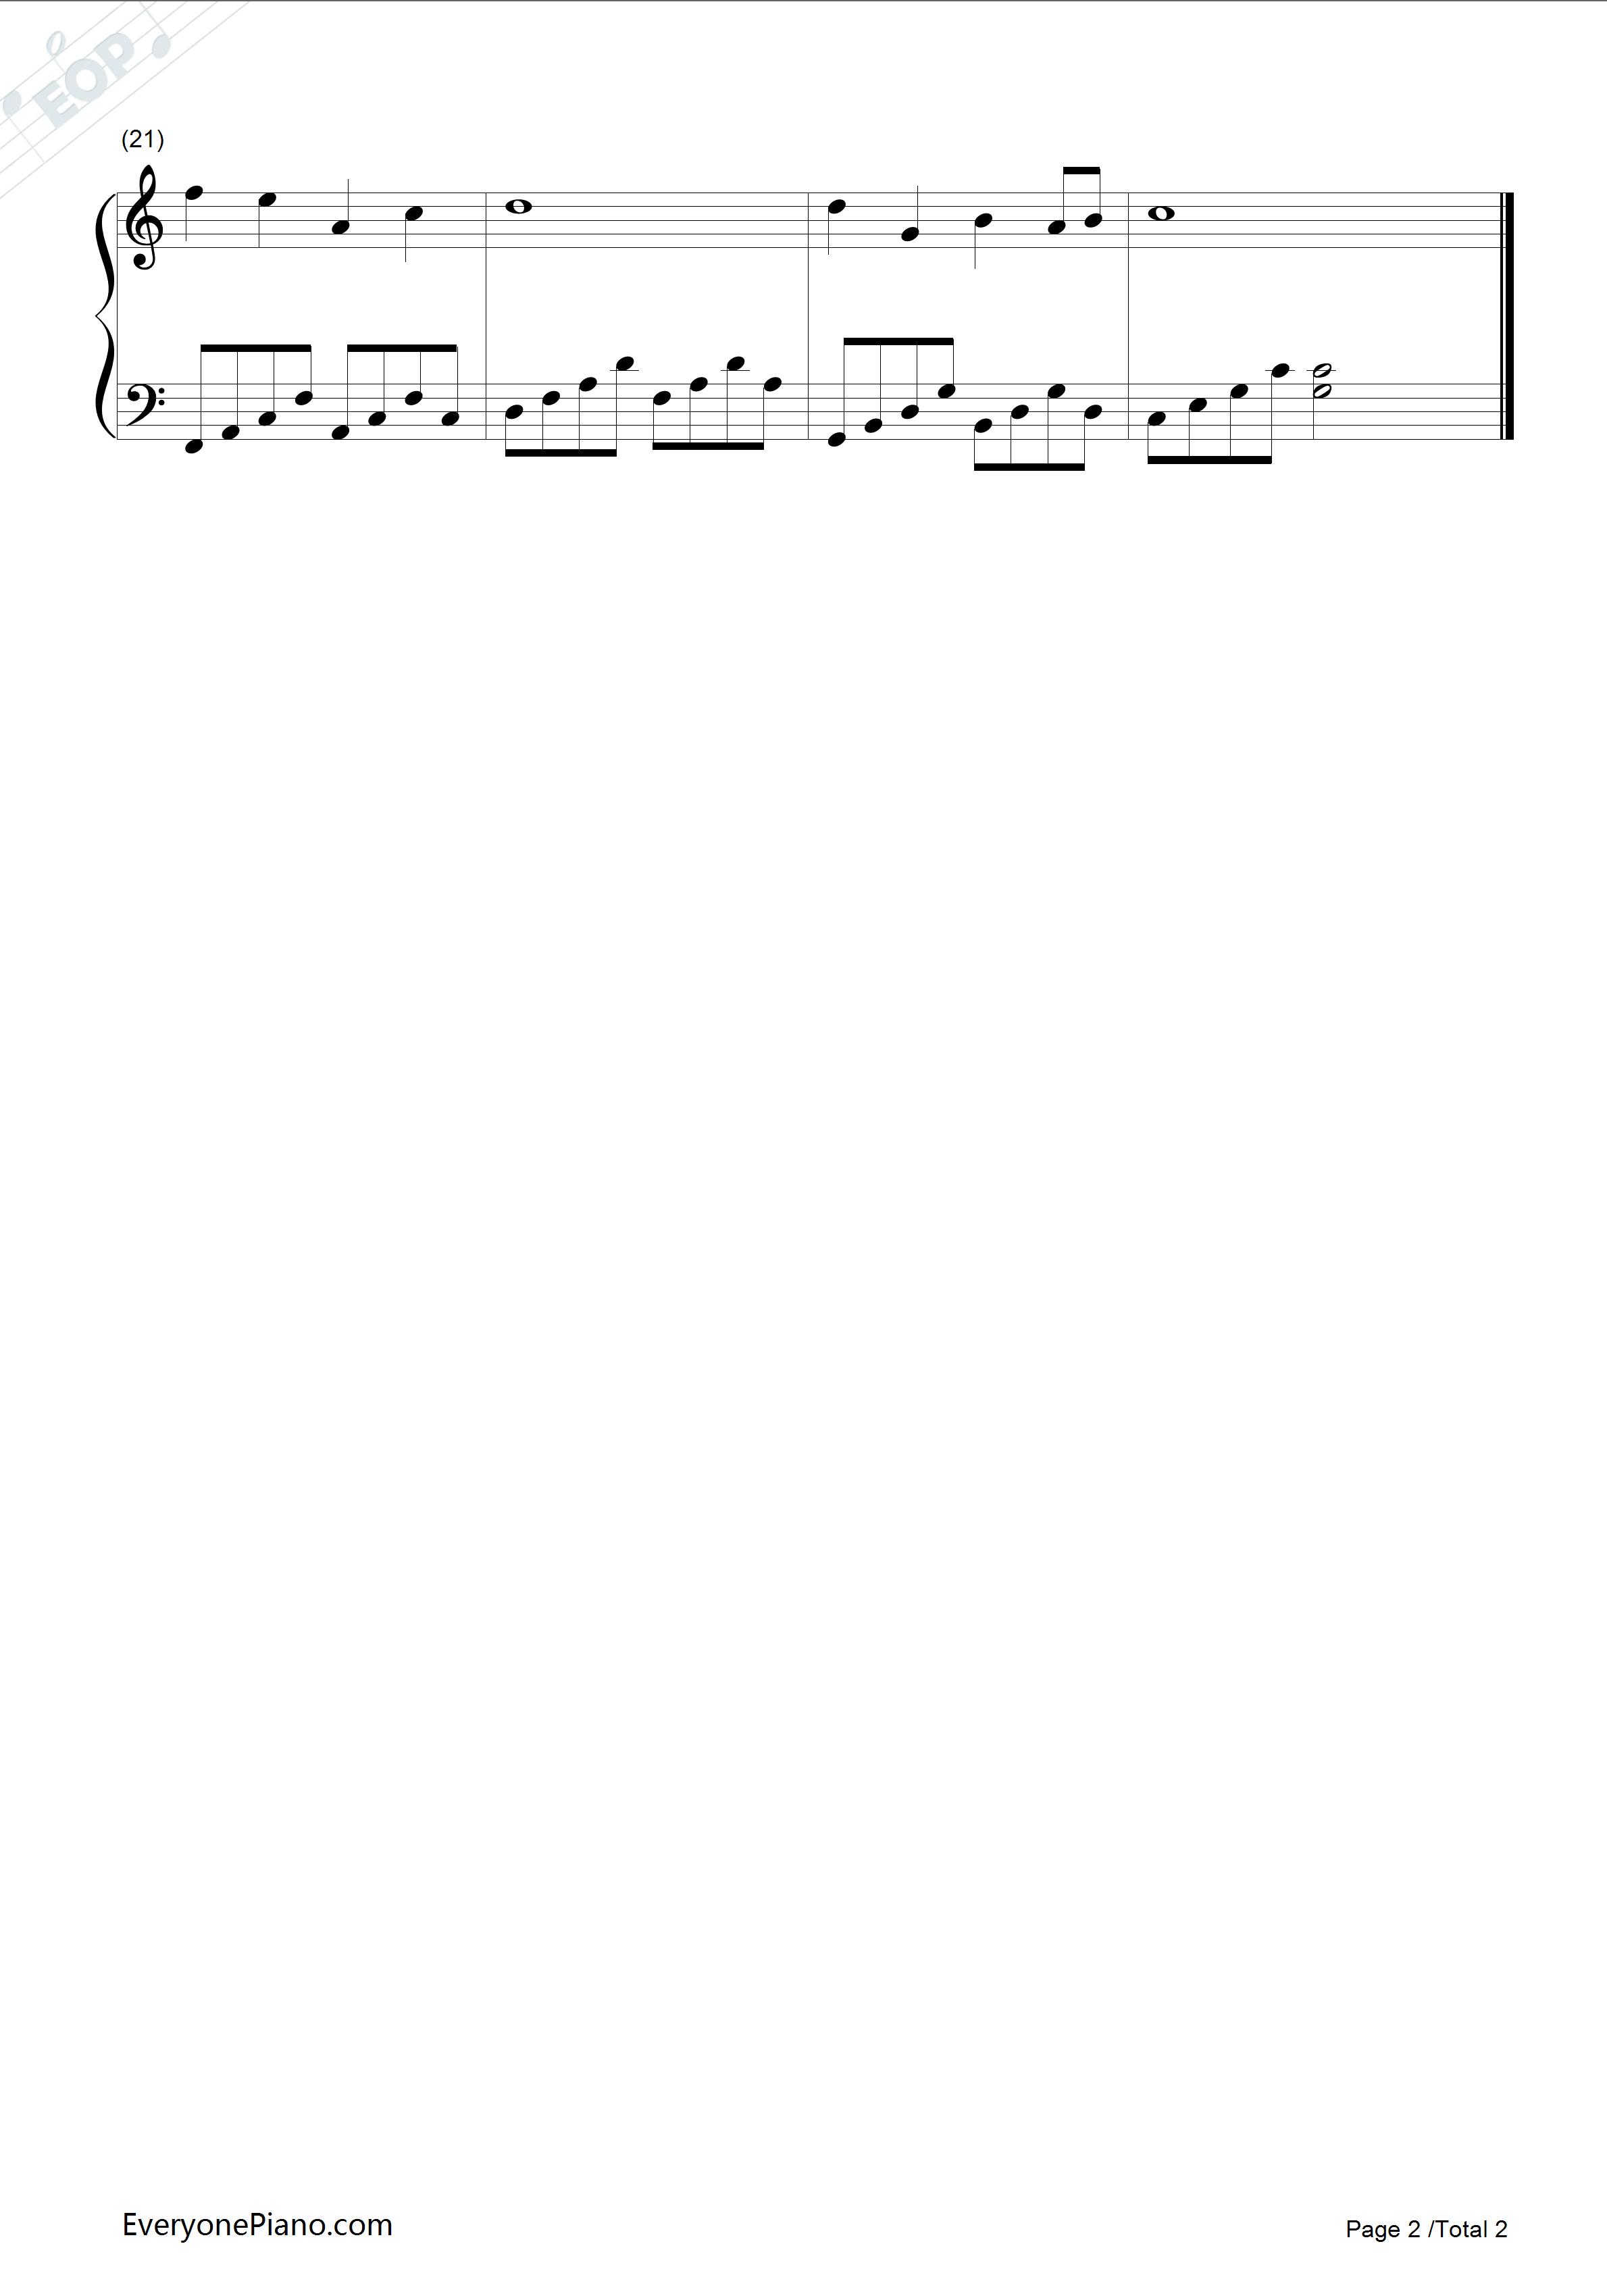 钢琴曲谱 经典 但愿人长久-邓丽君 但愿人长久-邓丽君五线谱预览2  }